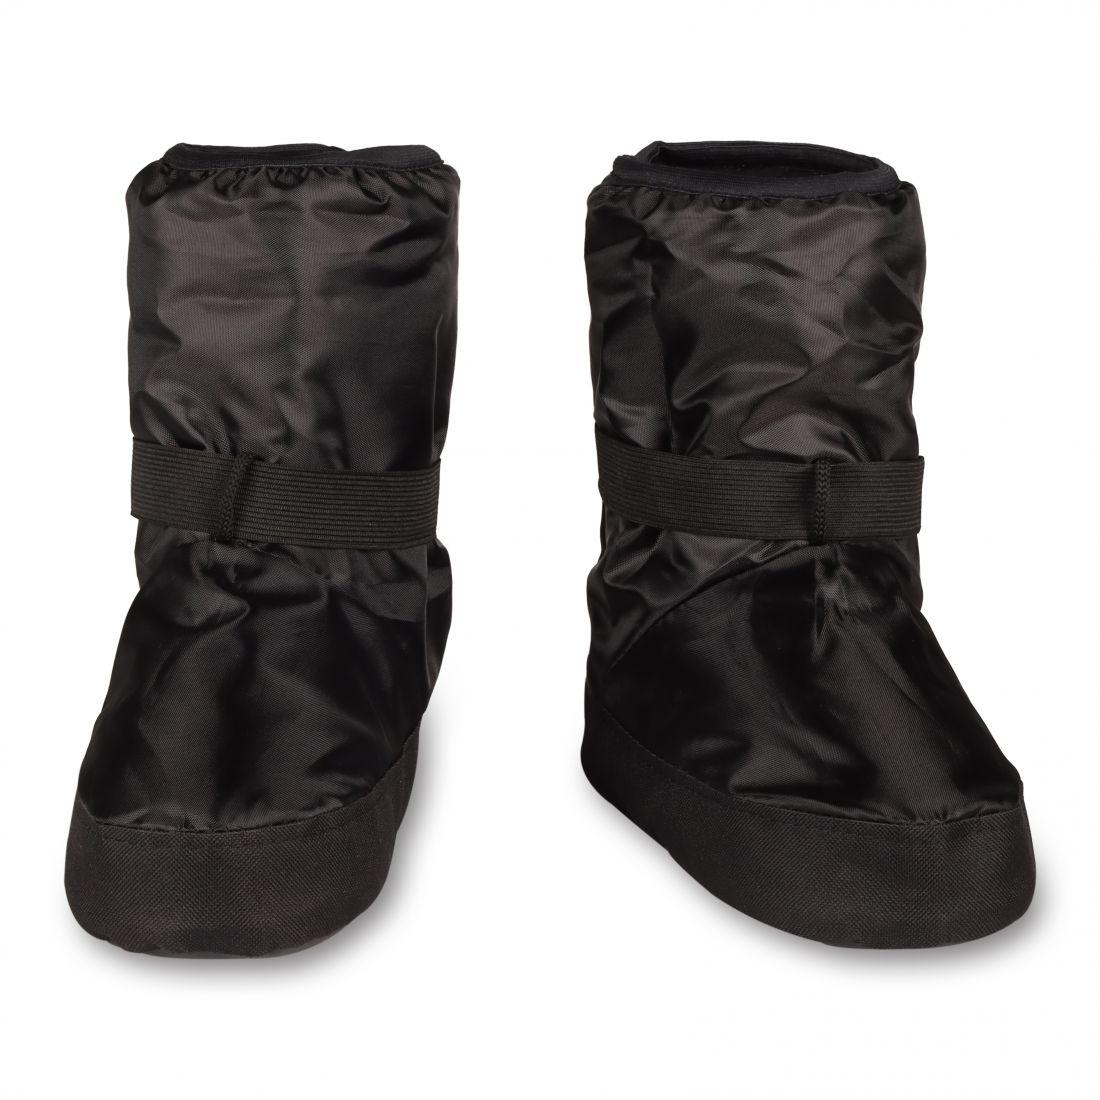 Сапожки для разогрева INDIGO SM-363 черные